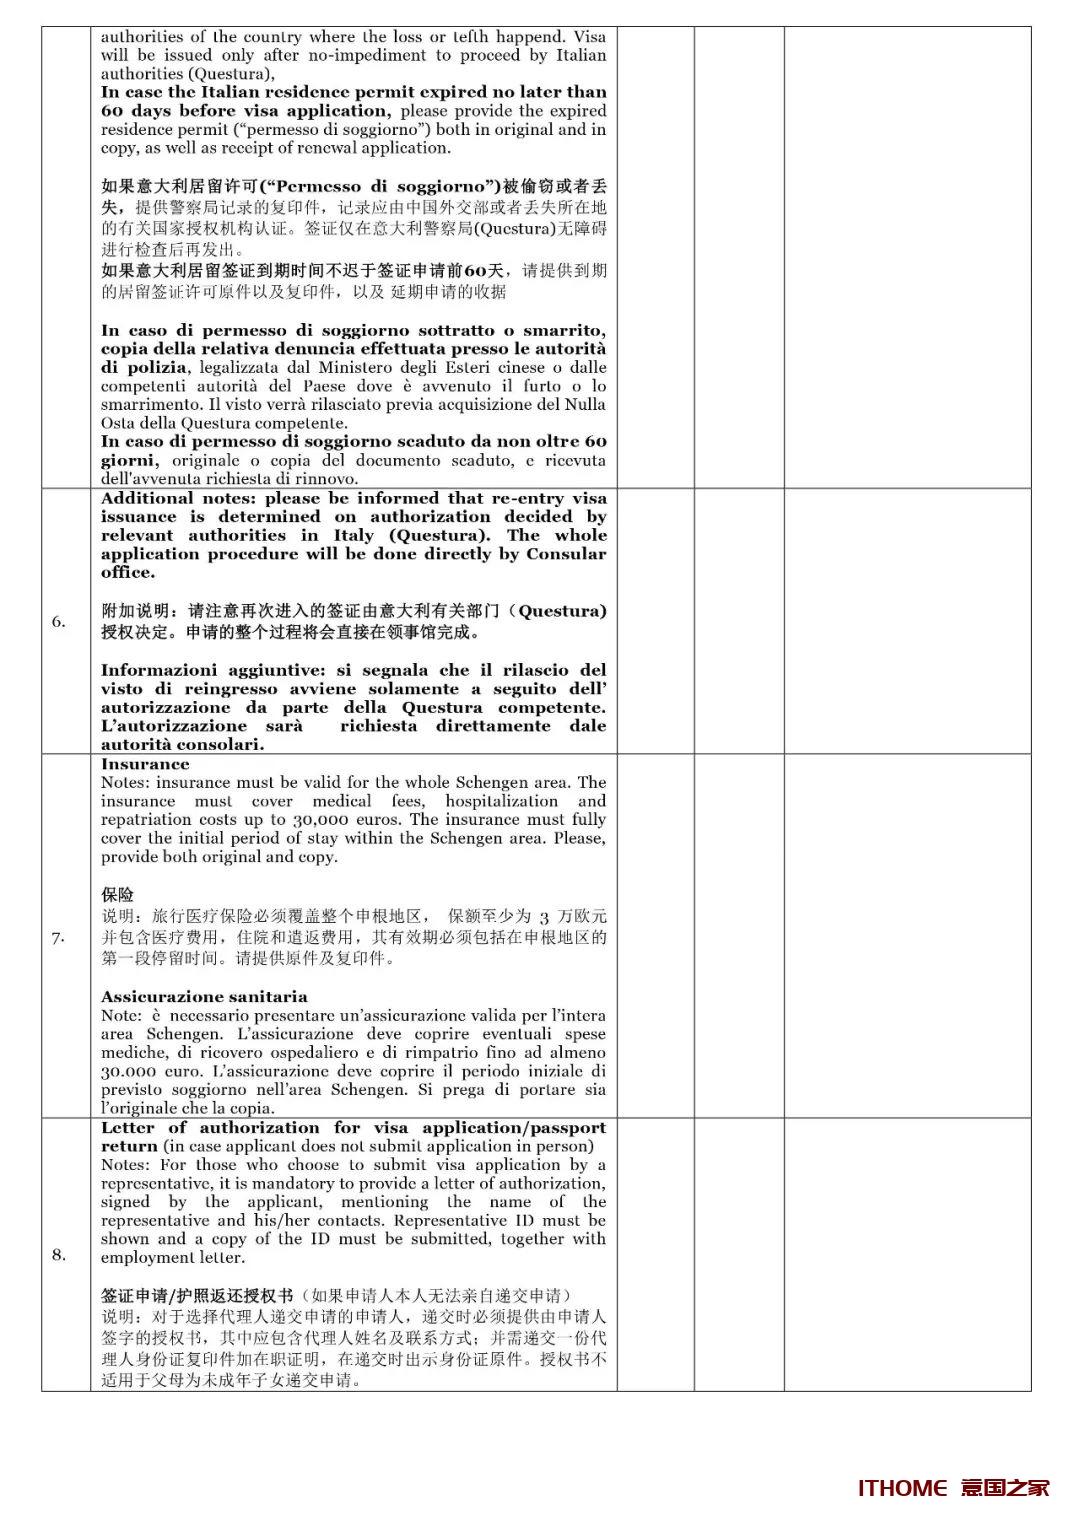 意使馆7月7日更新:过期居留申根国返意需再入境签证,直飞可申请照会 意国杂烩 第6张